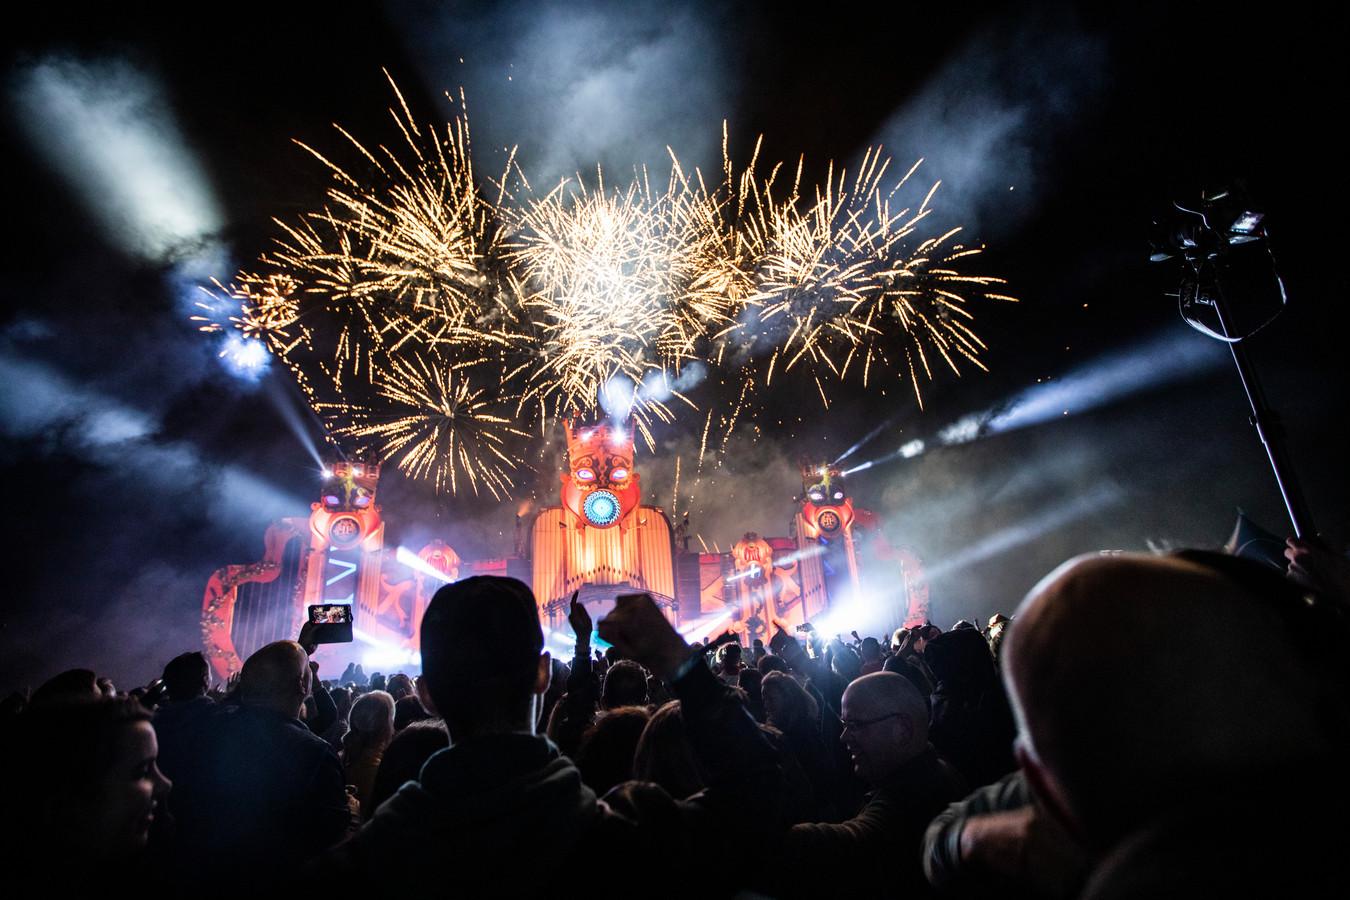 De nieuwe podia voor het Fairytale Festival in Kaatsheuvel waren zo goed als klaar, maar het coronavirus gooit roet in het eten.